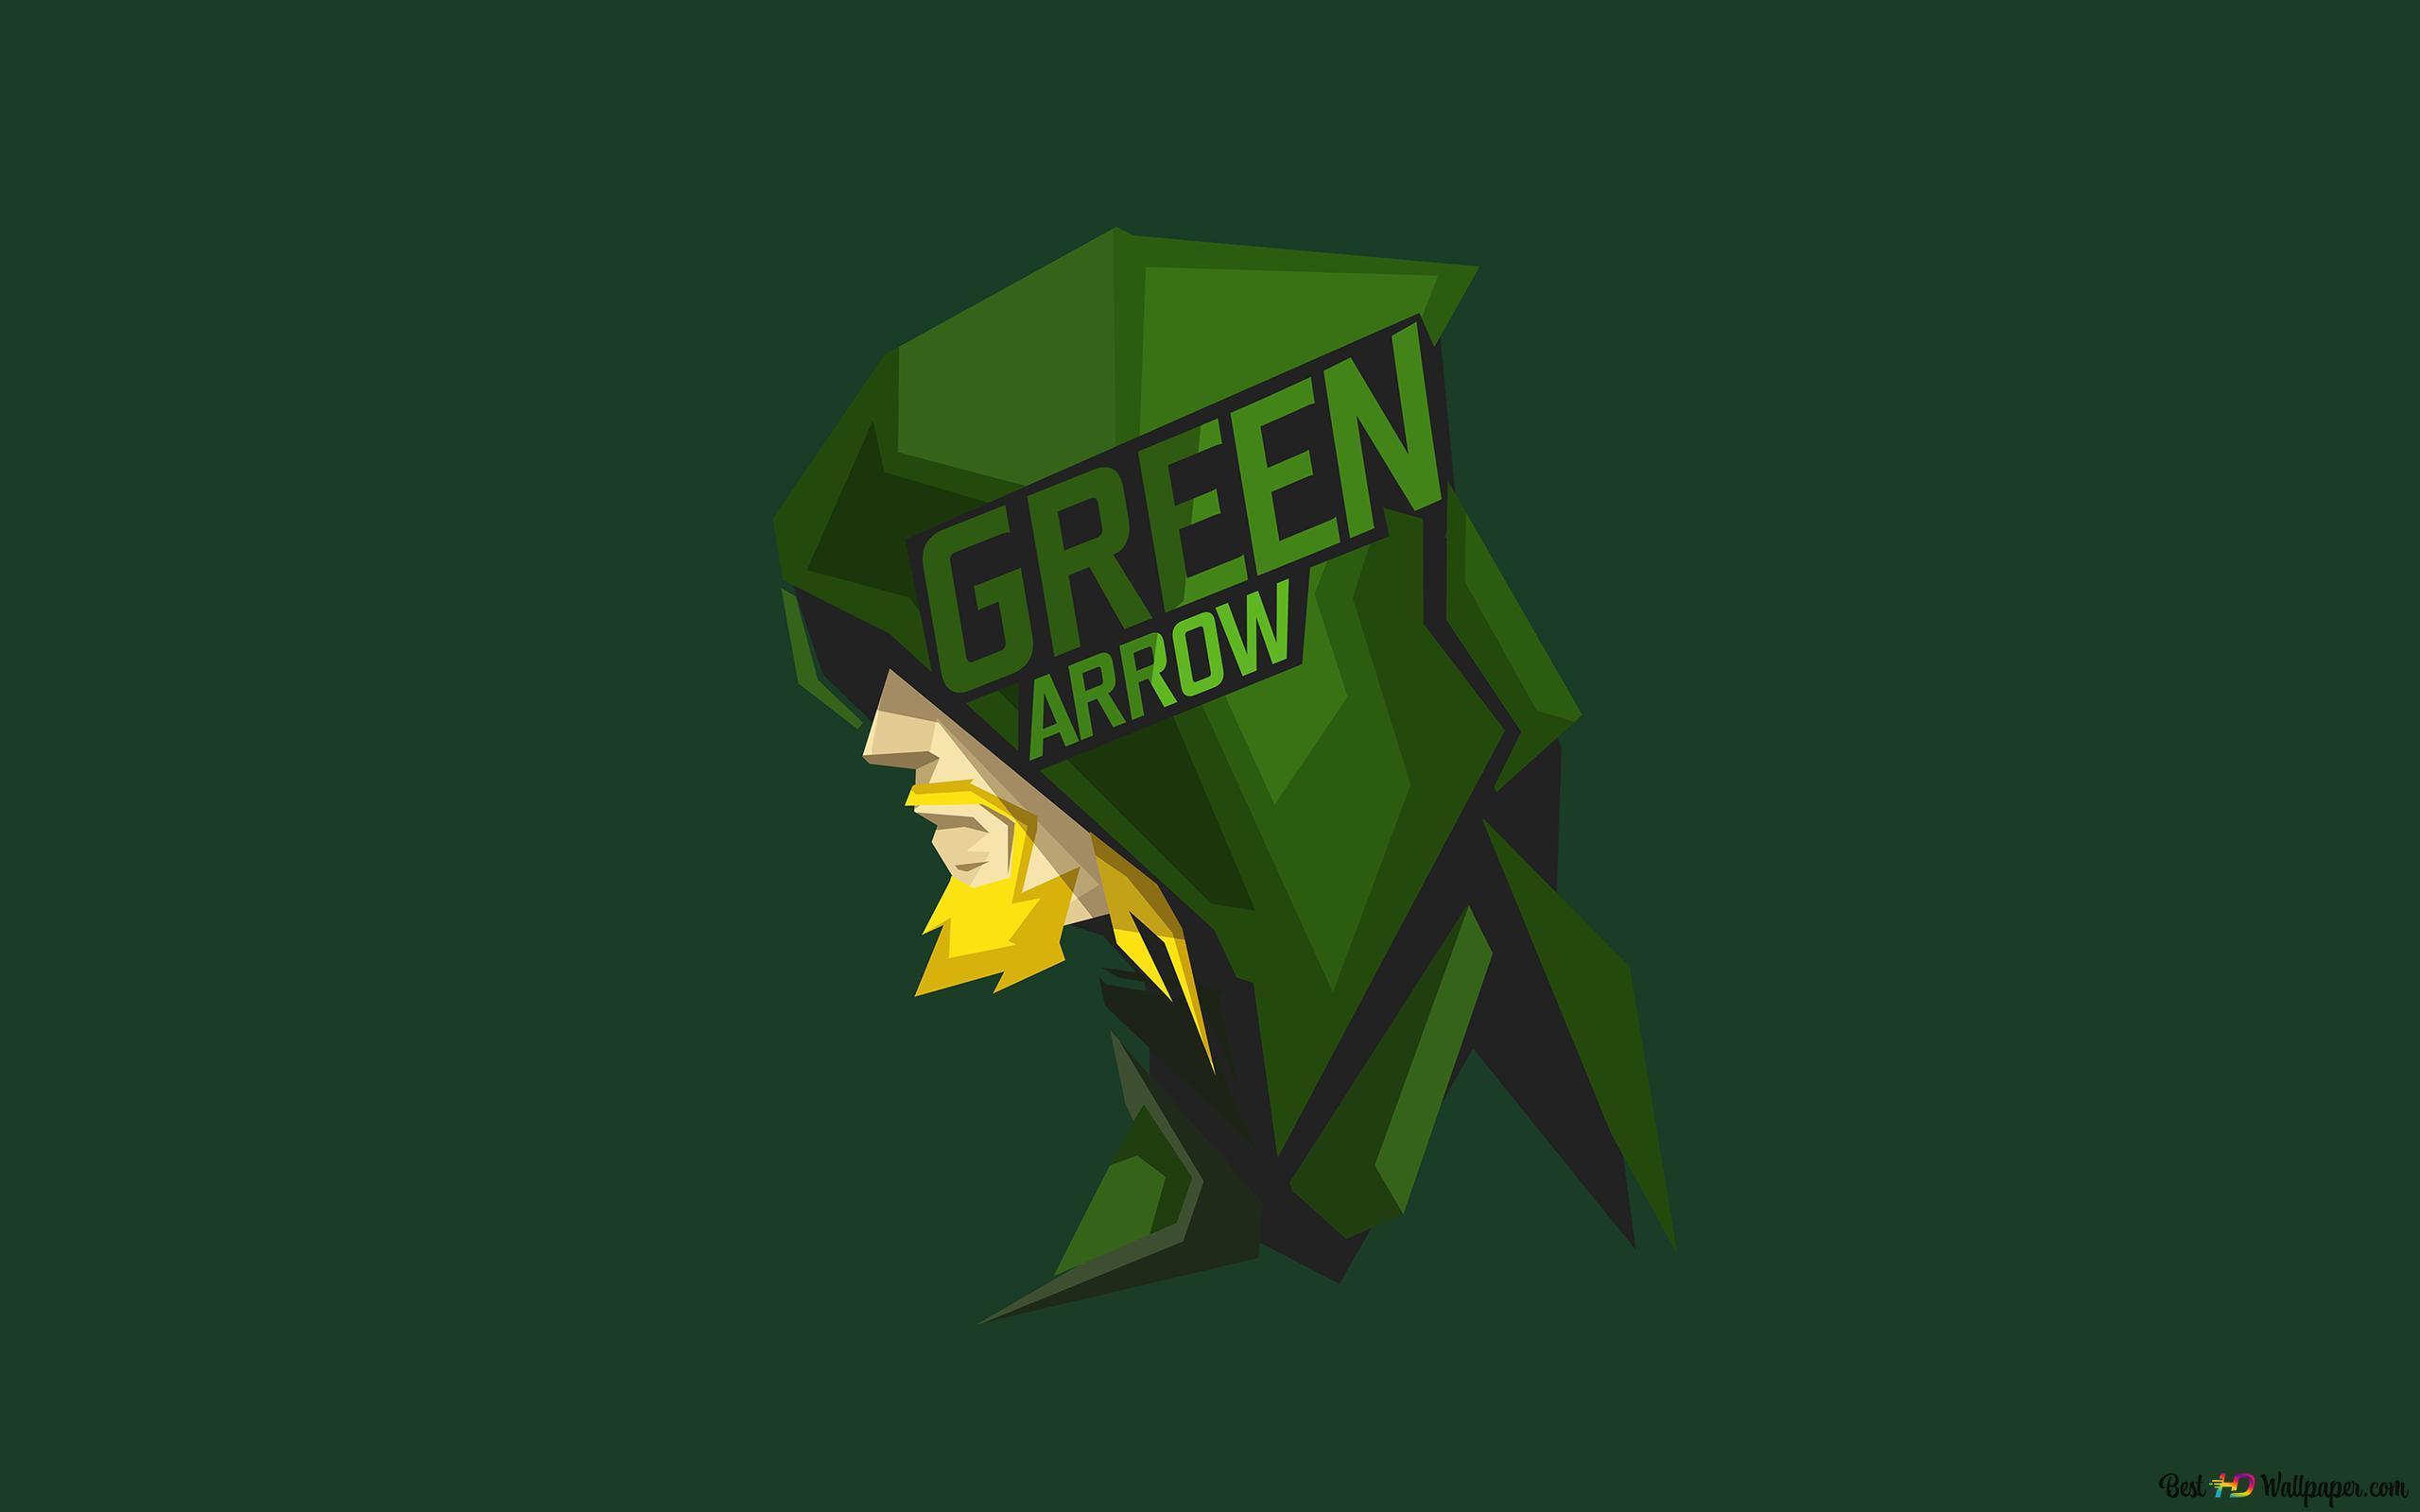 緑の壁紙ミニマルでdcコミックスグリーンアロー Hd壁紙のダウンロード